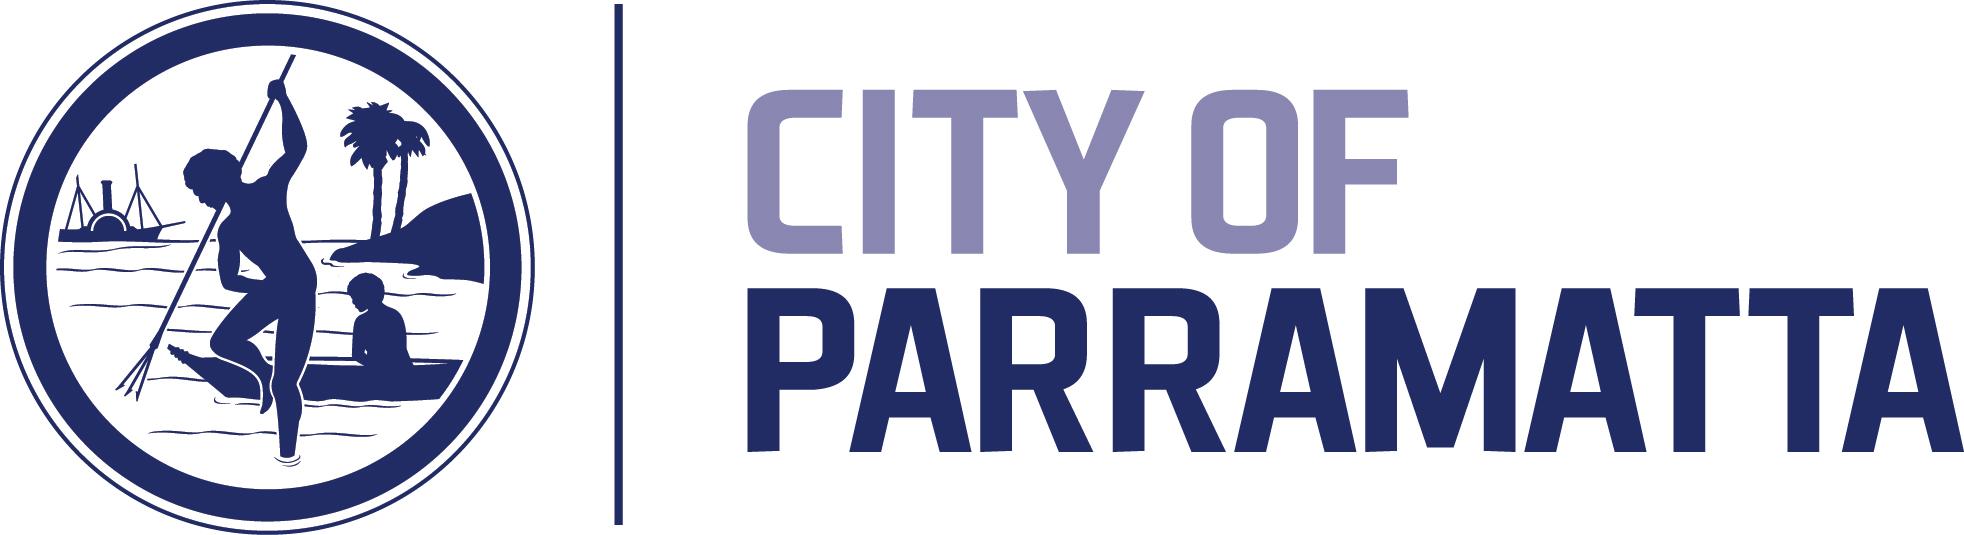 City of Parramatta. PMS280.jpg